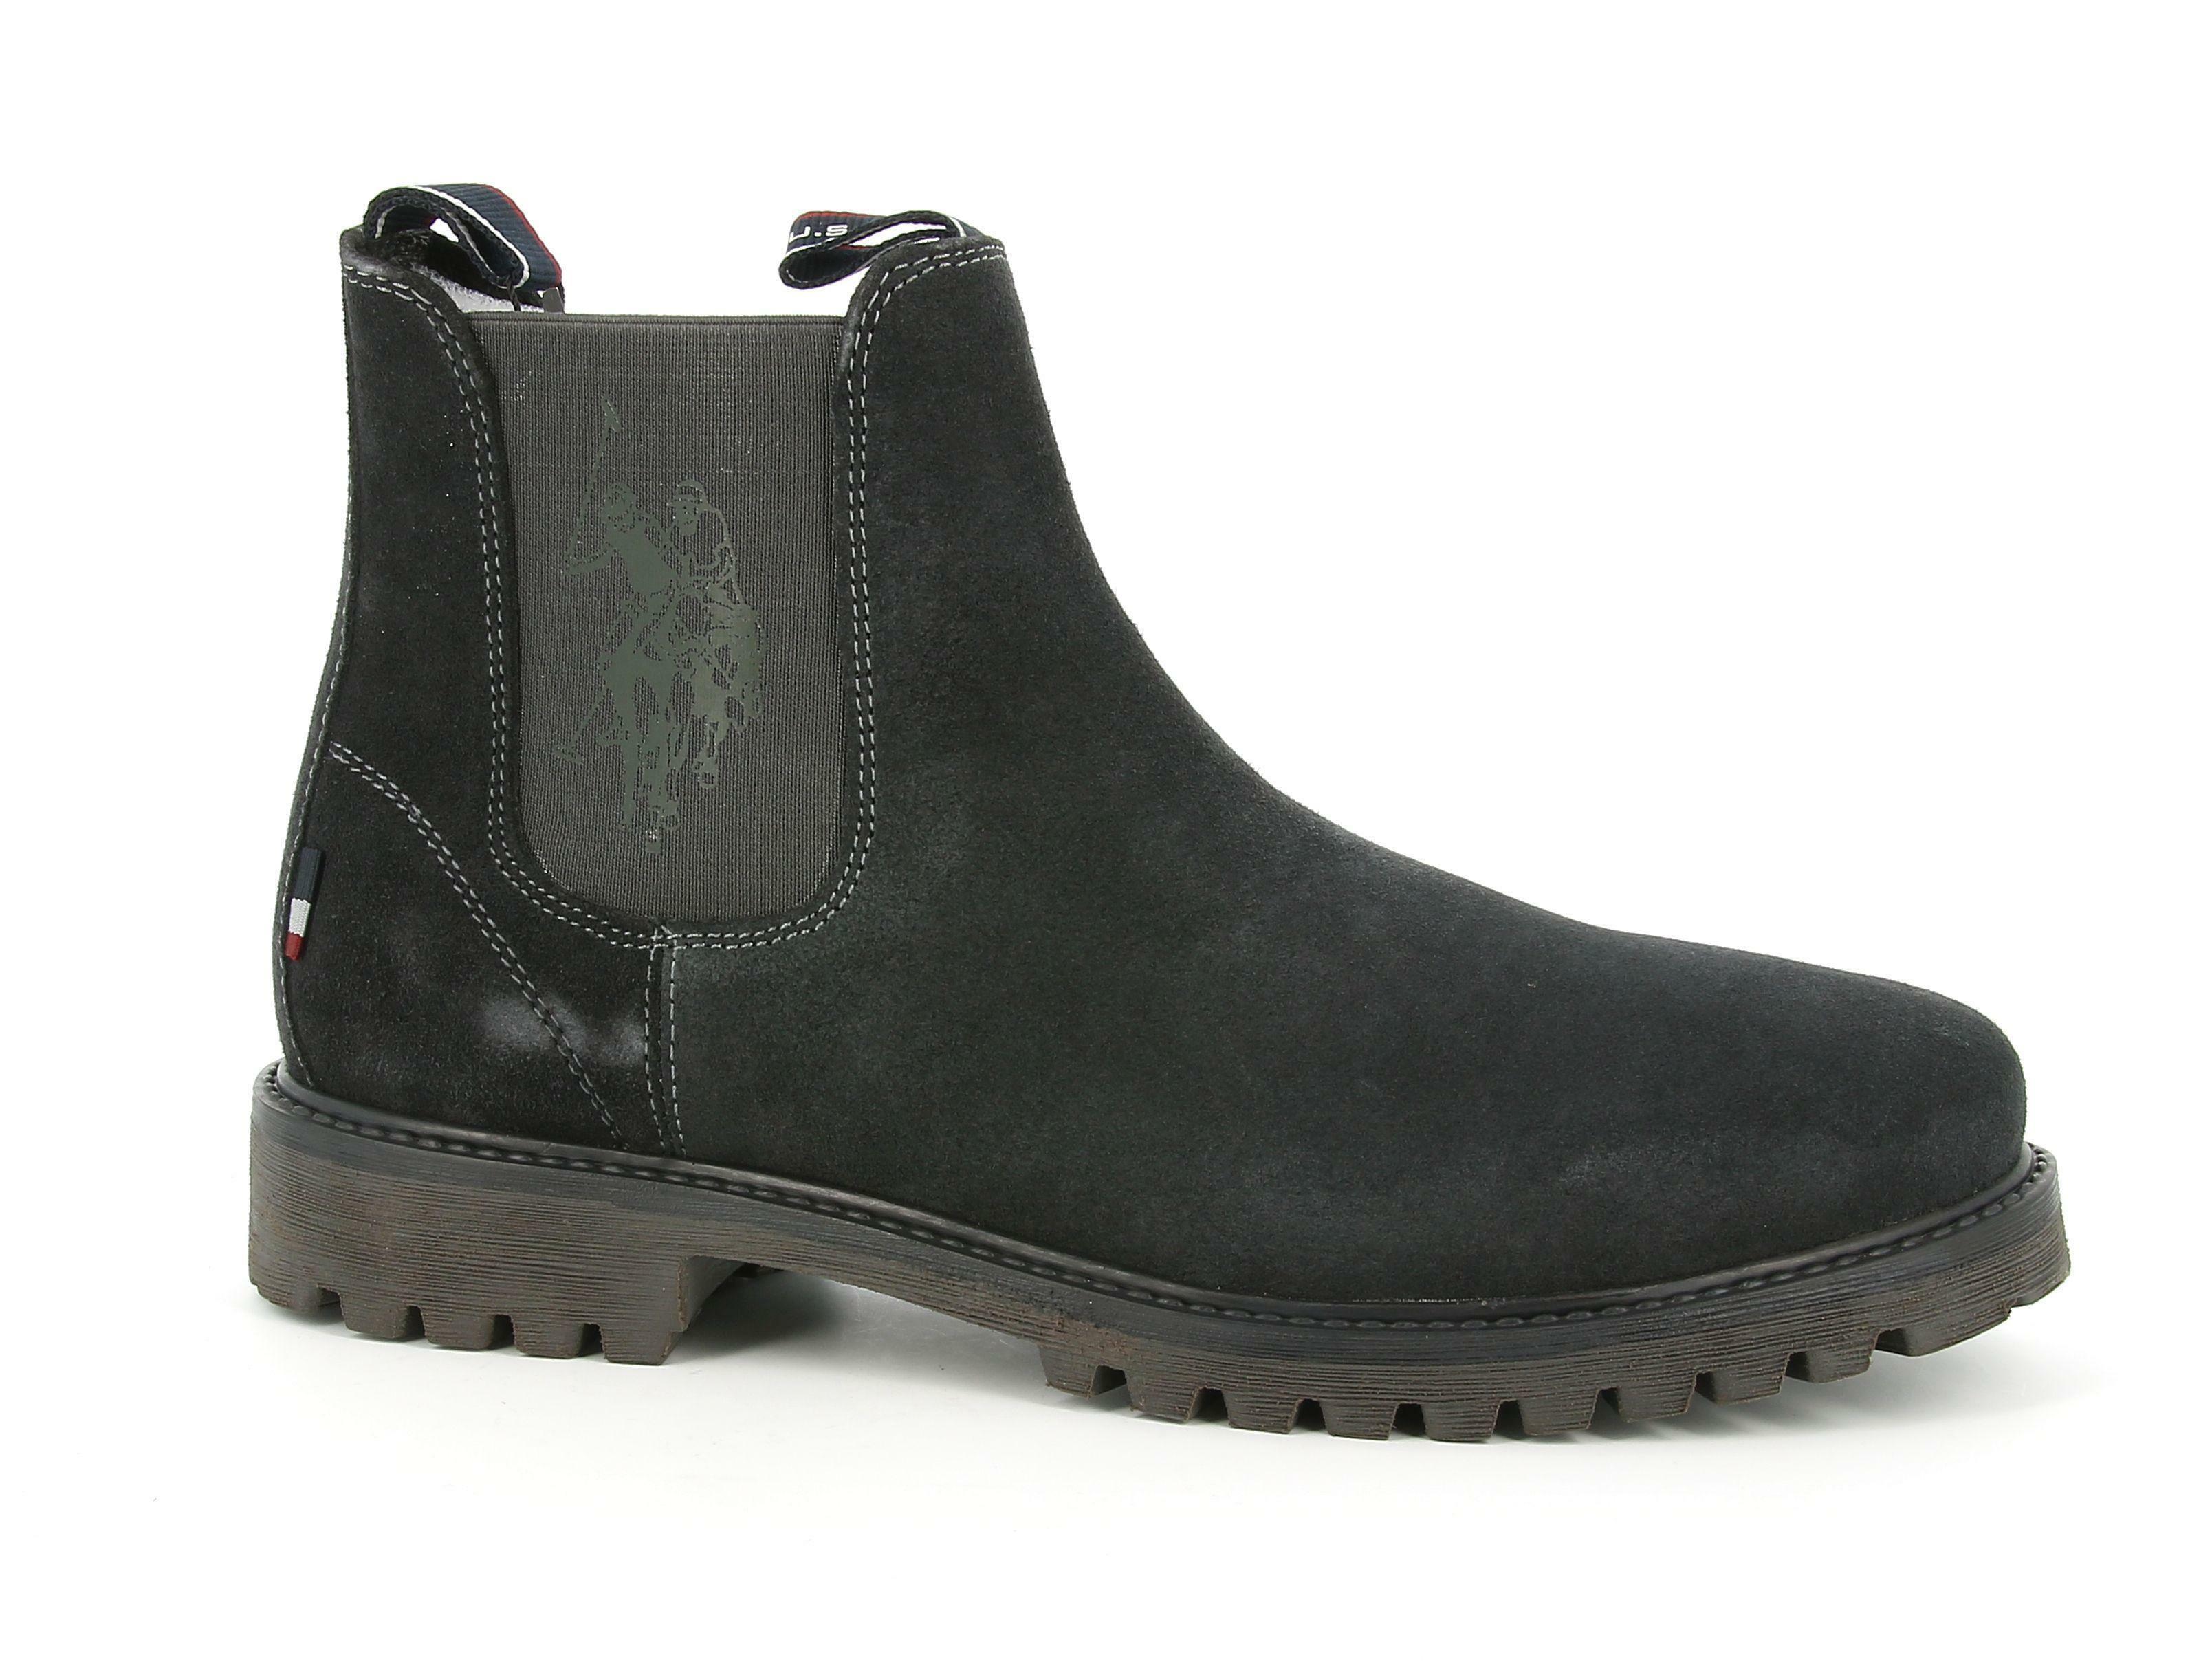 u.s. polo assn. u.s. polo assn. stivaletto boral4133w0/s1 scarpe con lacci uomo dark blu